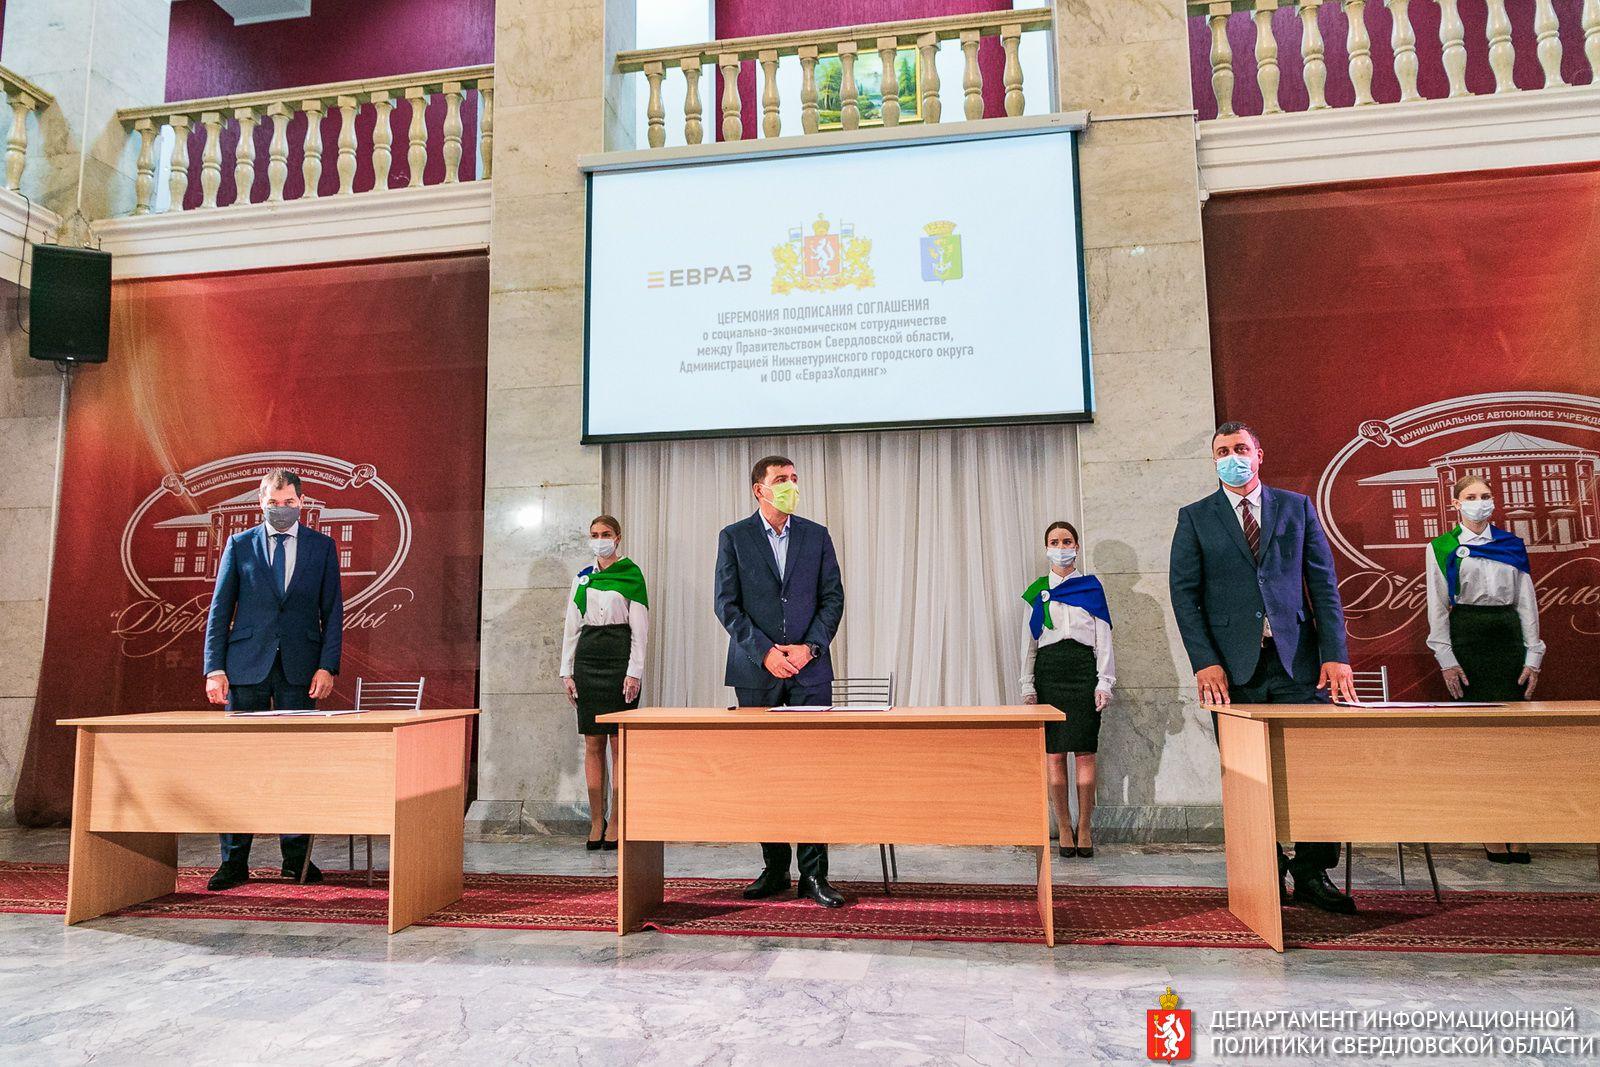 Евгений Куйвашев заручился поддержкой ЕВРАЗ в решении социальных вопросов жителей Нижнетуринского городского округа